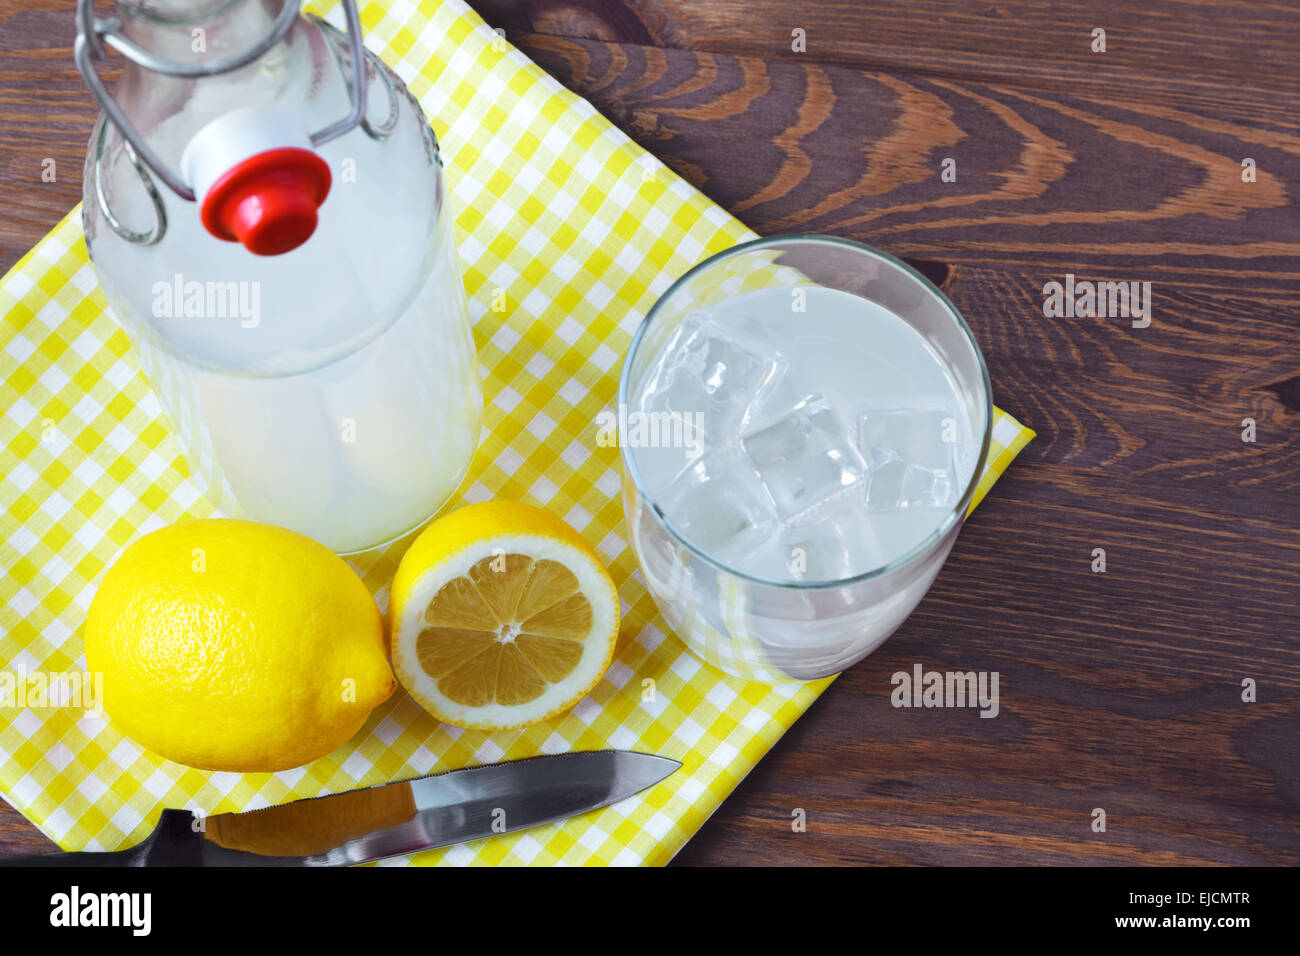 Still Life foto del vecchio stile o tradizionali fatti in casa di limonata acida da un vecchio stile di una bottiglia Immagini Stock